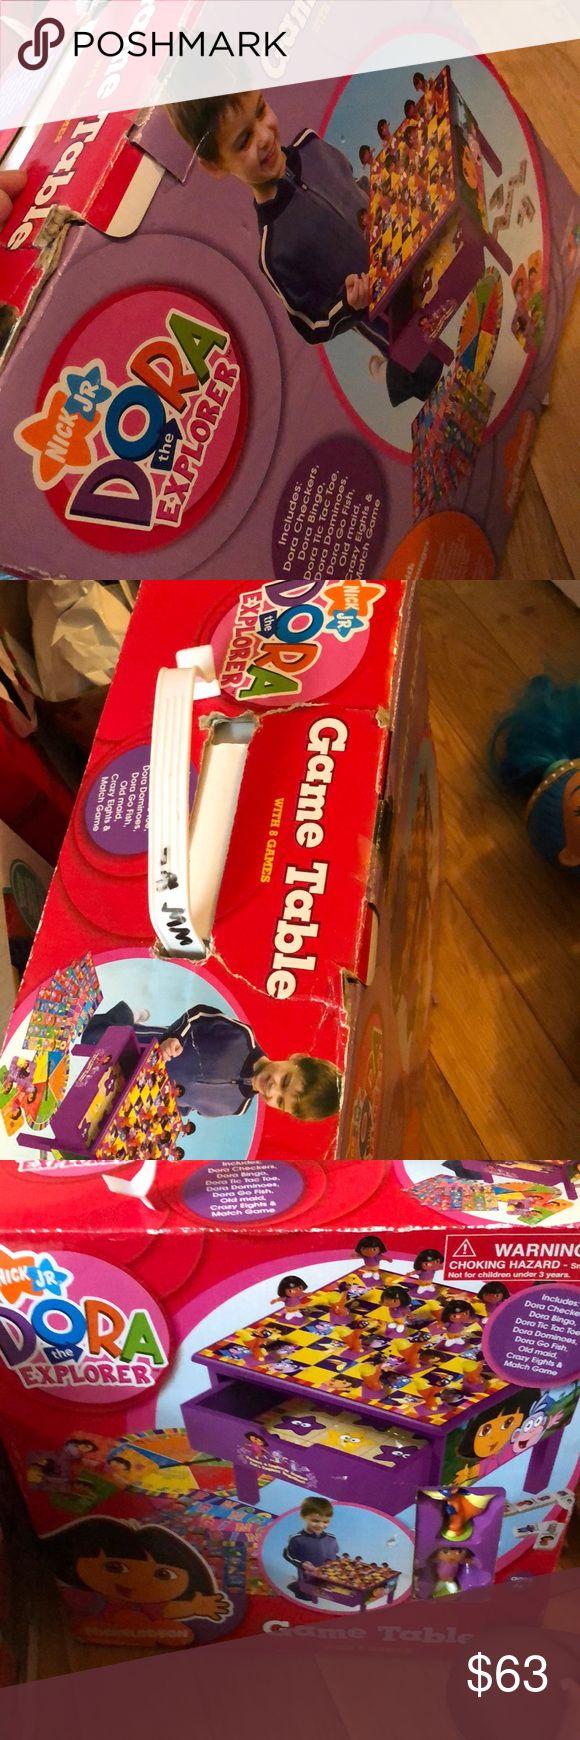 Kids game table Brand new never opened Dora the Explorer